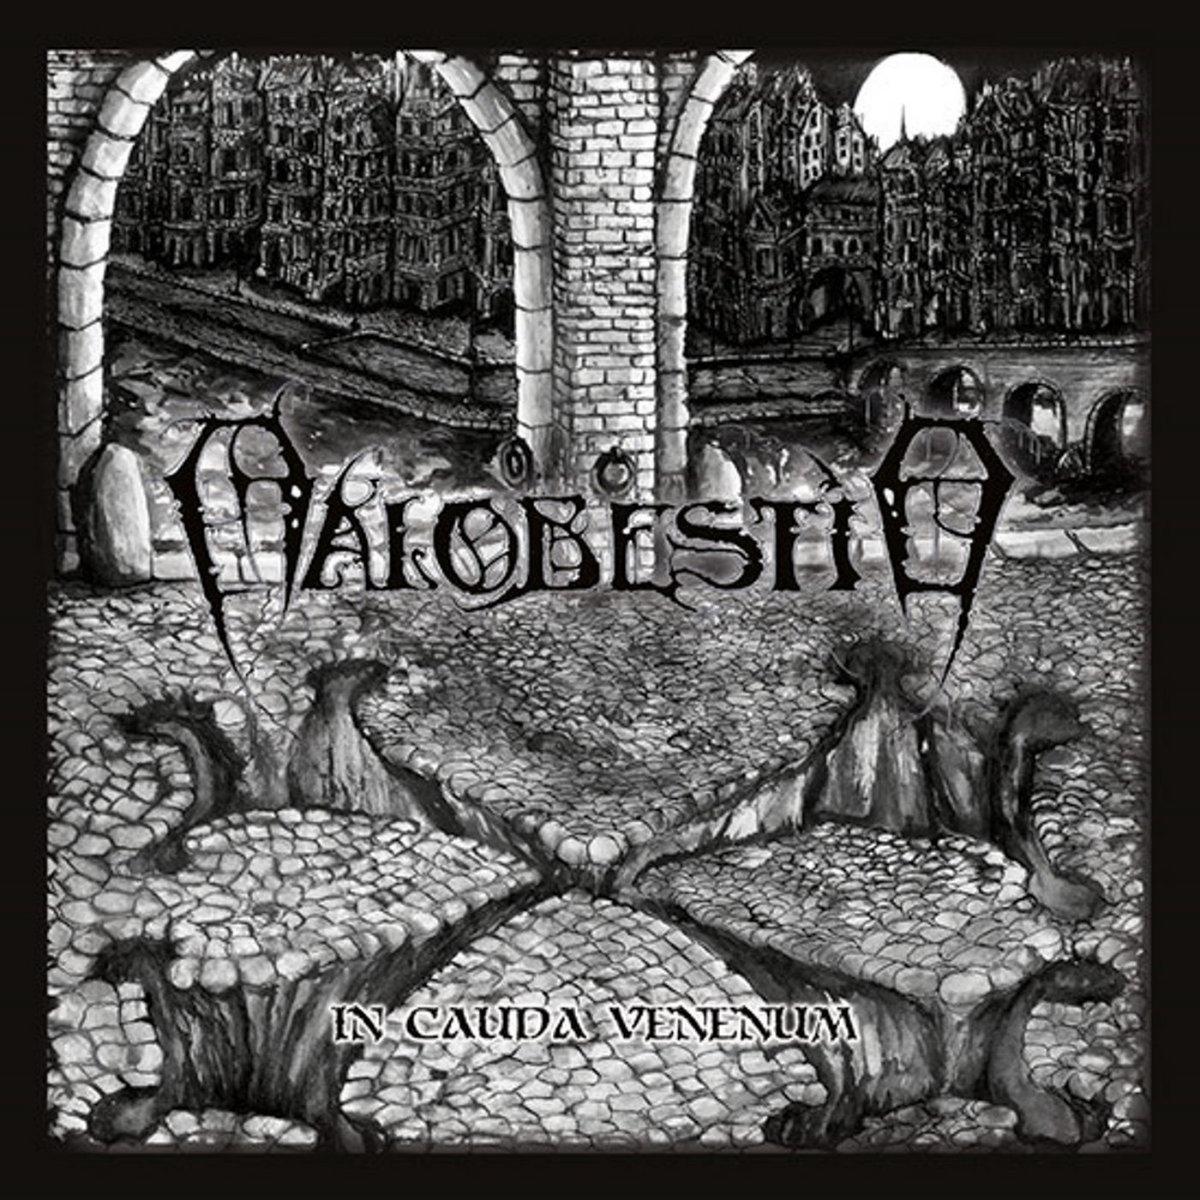 malobestio black metal in cauda venenum